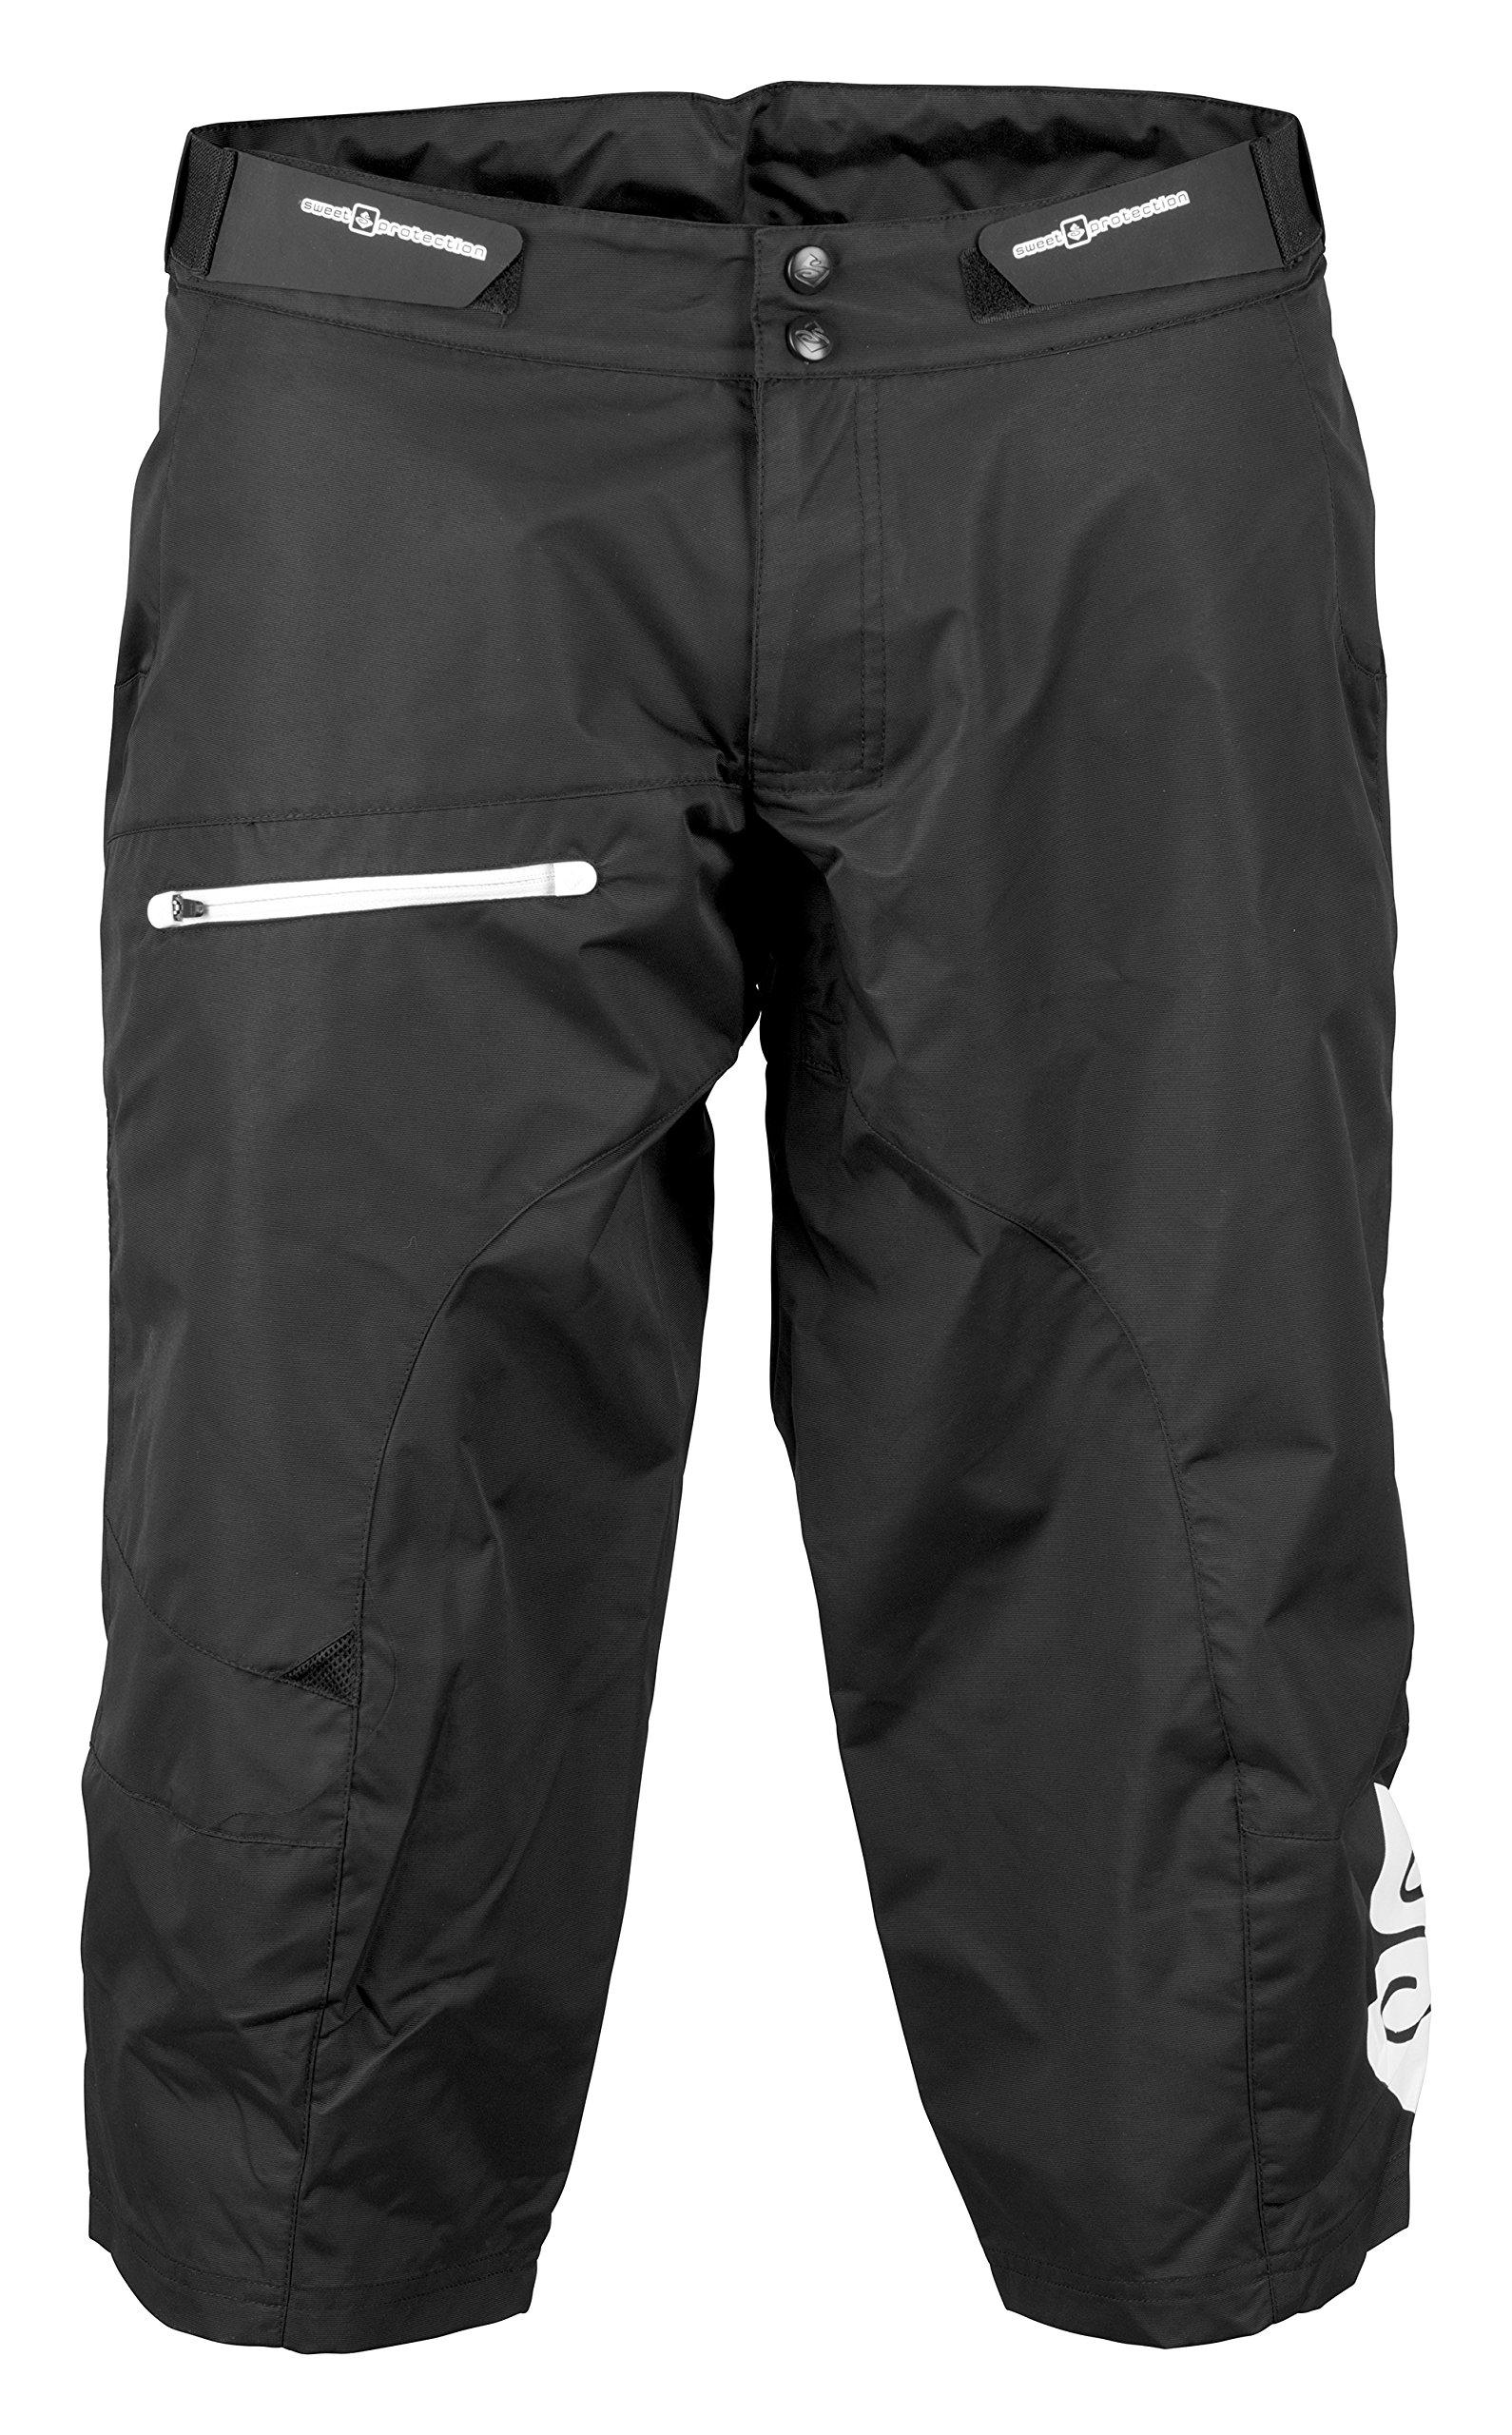 Sweet Protection Shambala Paddle Shorts, True Black, X-Large by Sweet Protection